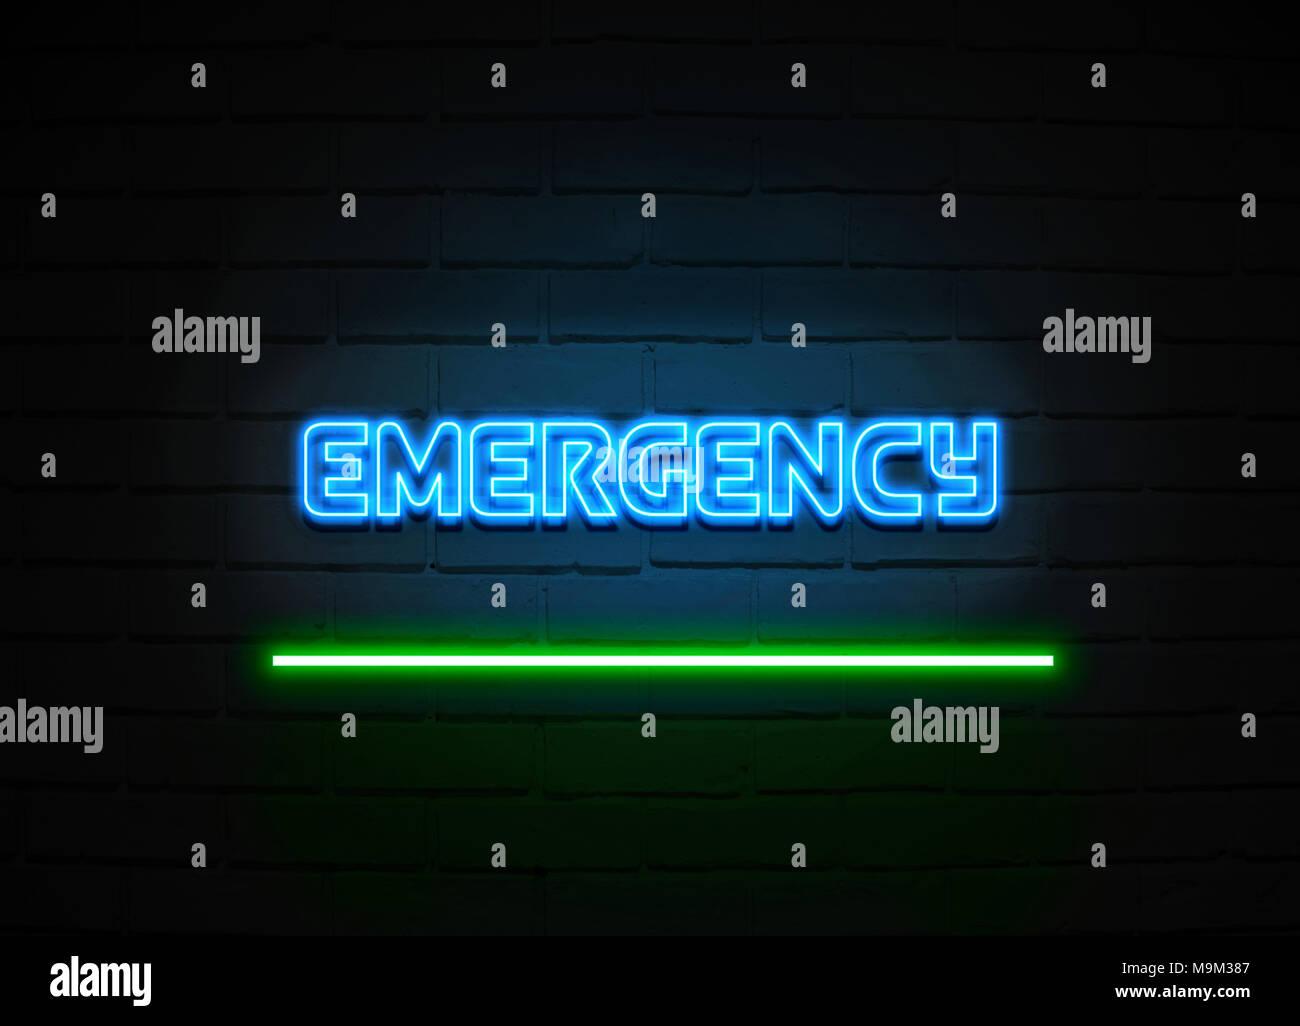 Enseigne au néon d'urgence - Glowing Neon Sign sur mur brickwall - rendu 3D illustration libres de droits. Photo Stock